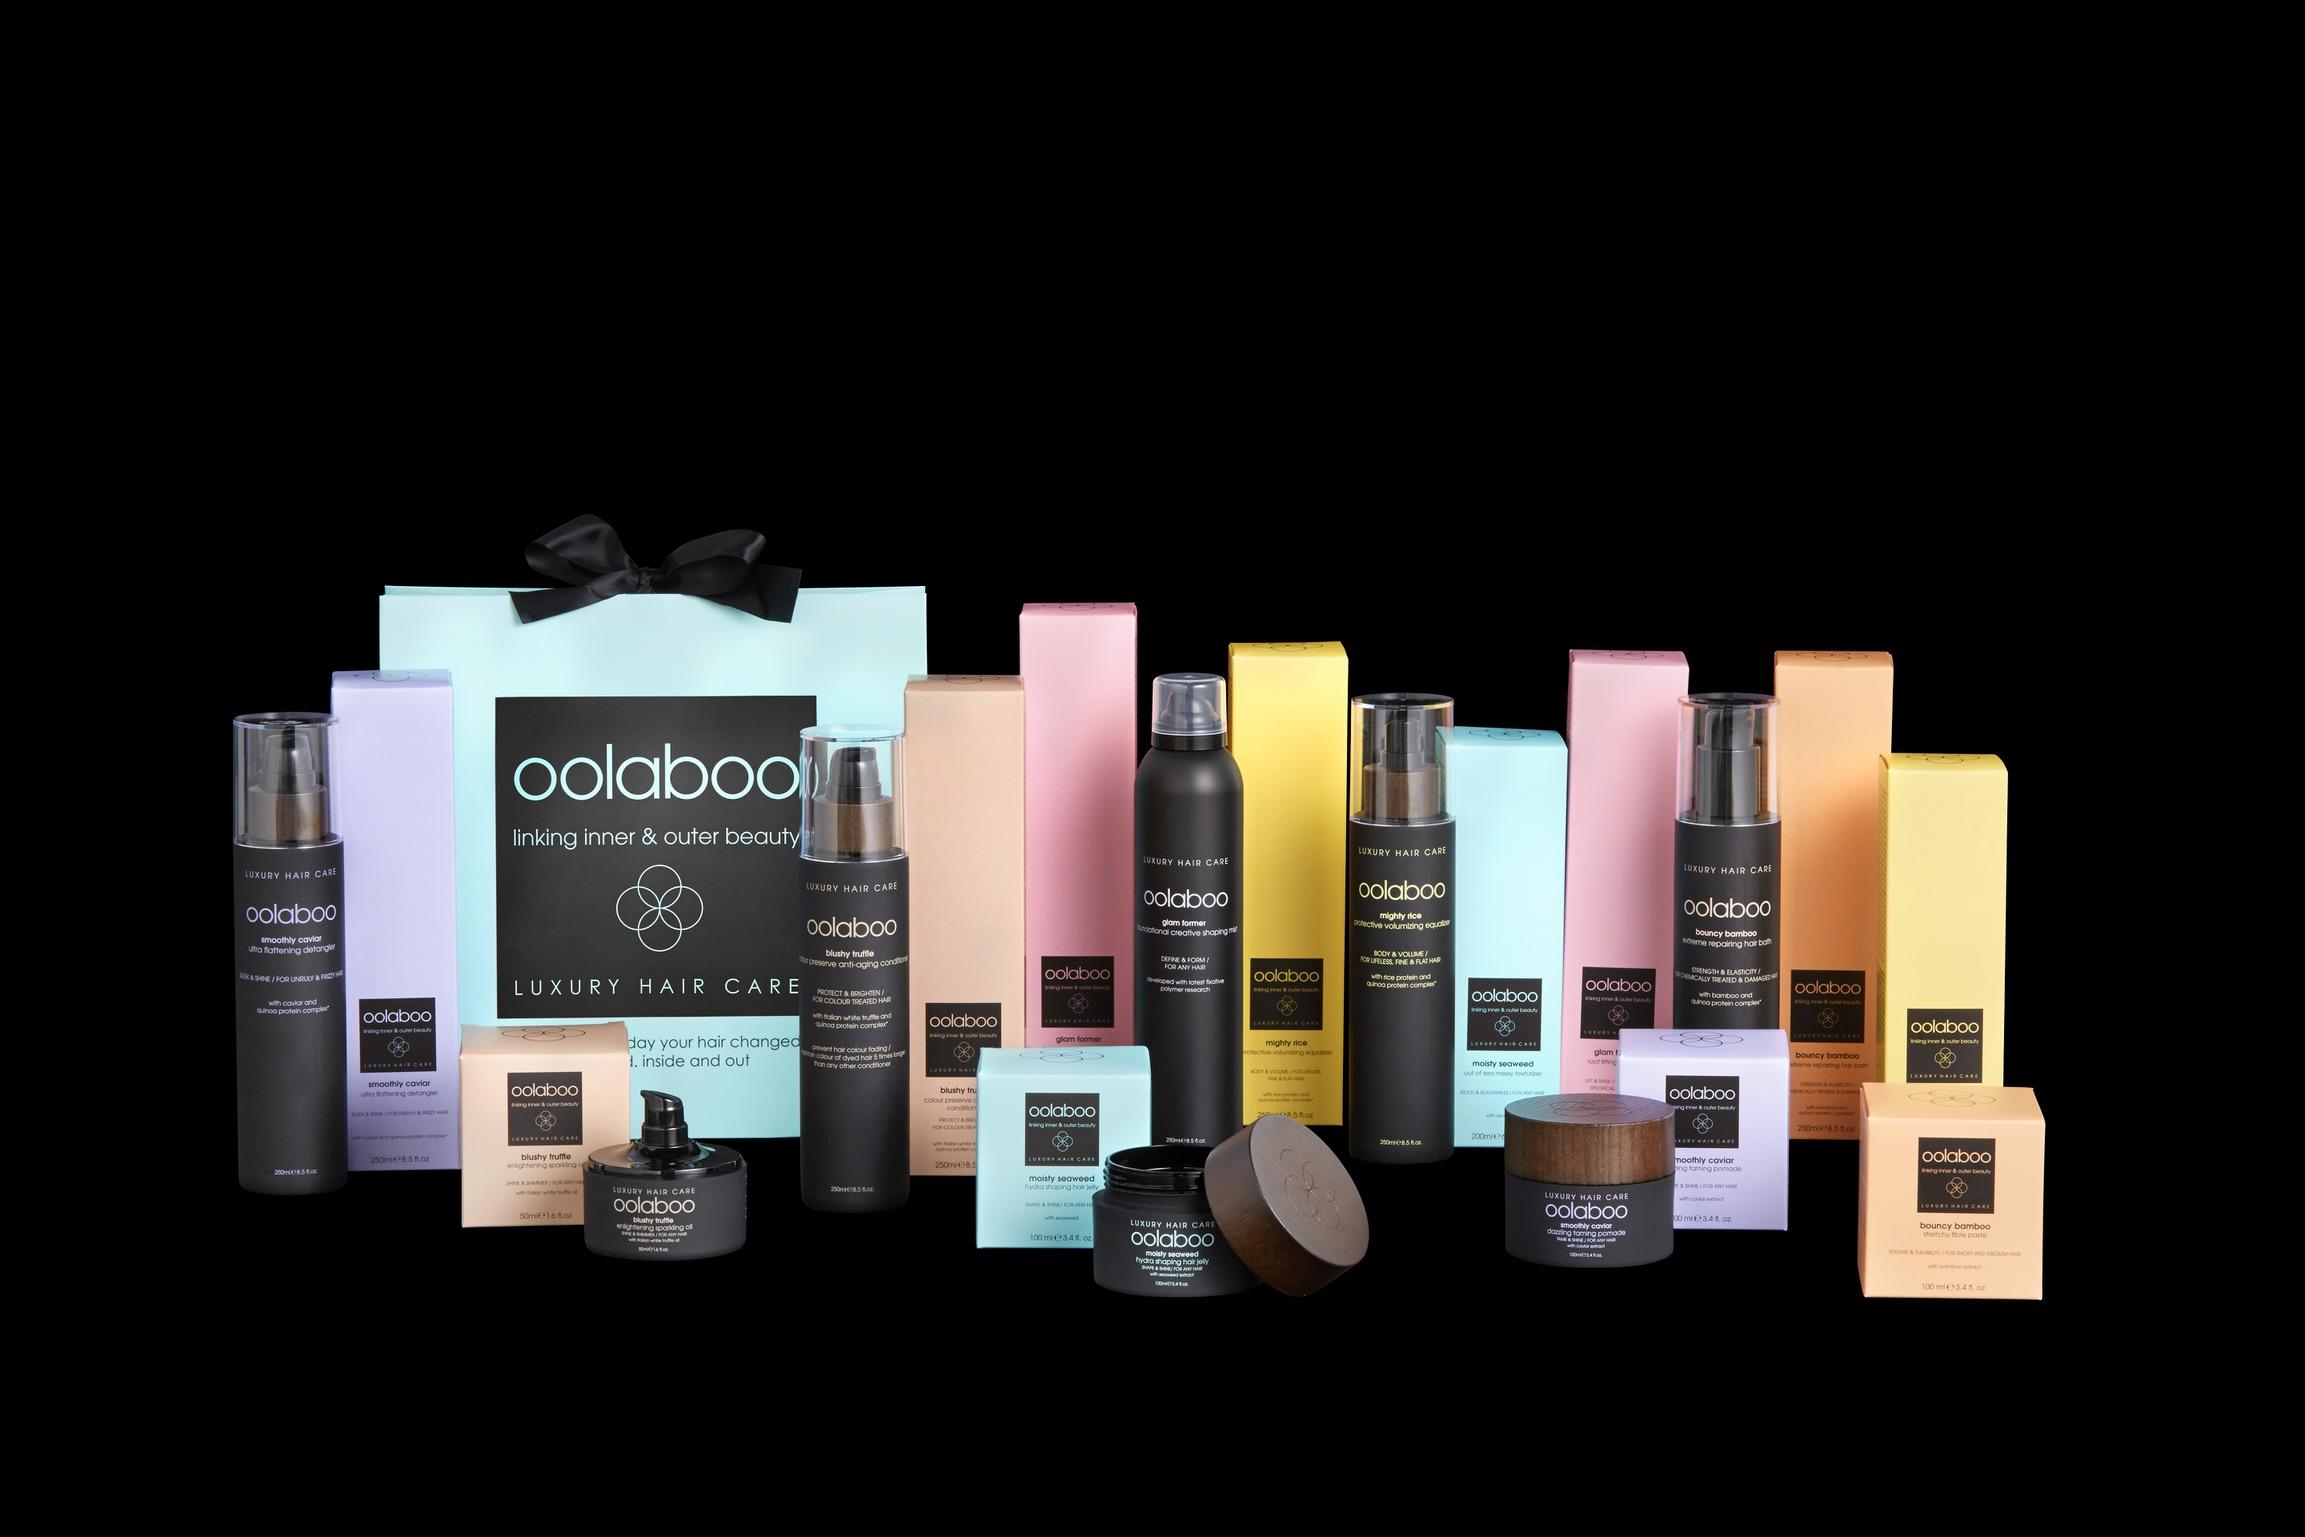 Oolaboo: echte schoonheid